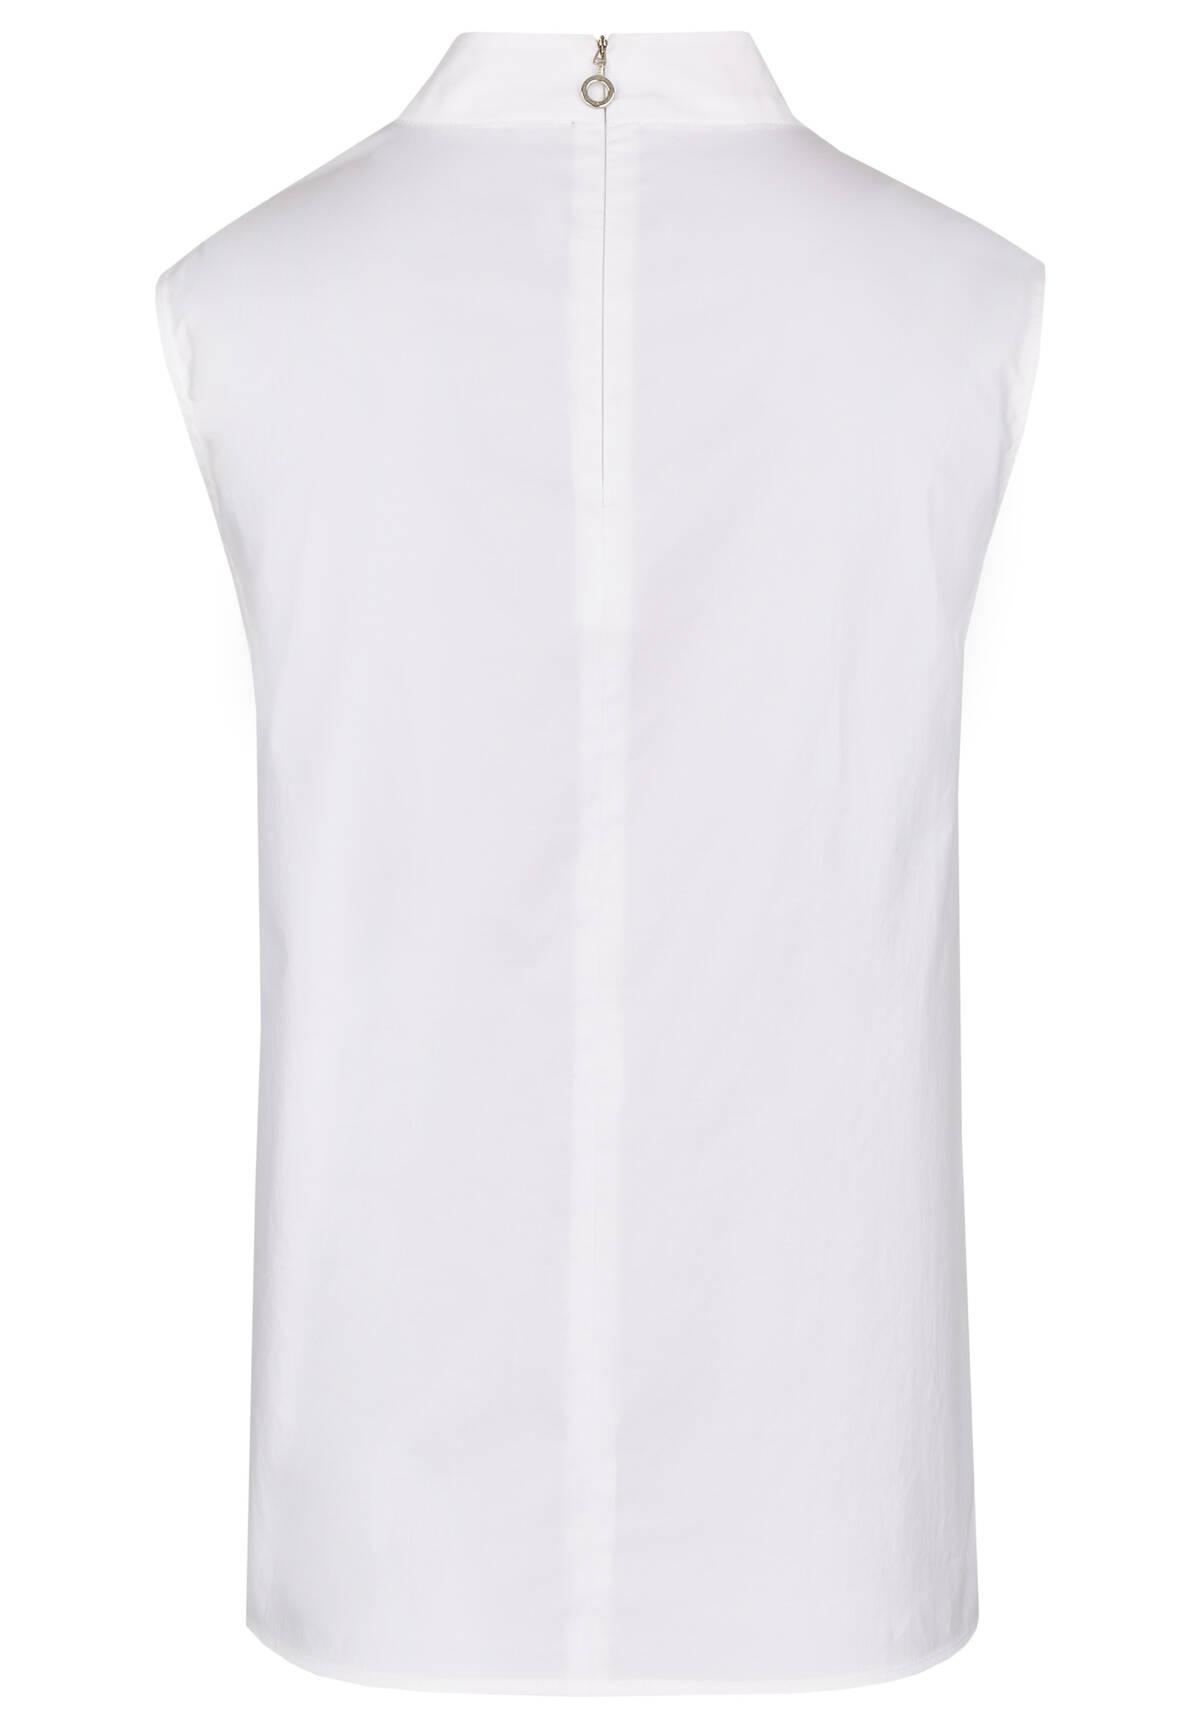 Modische Bluse mit Stehkragen / Blouse